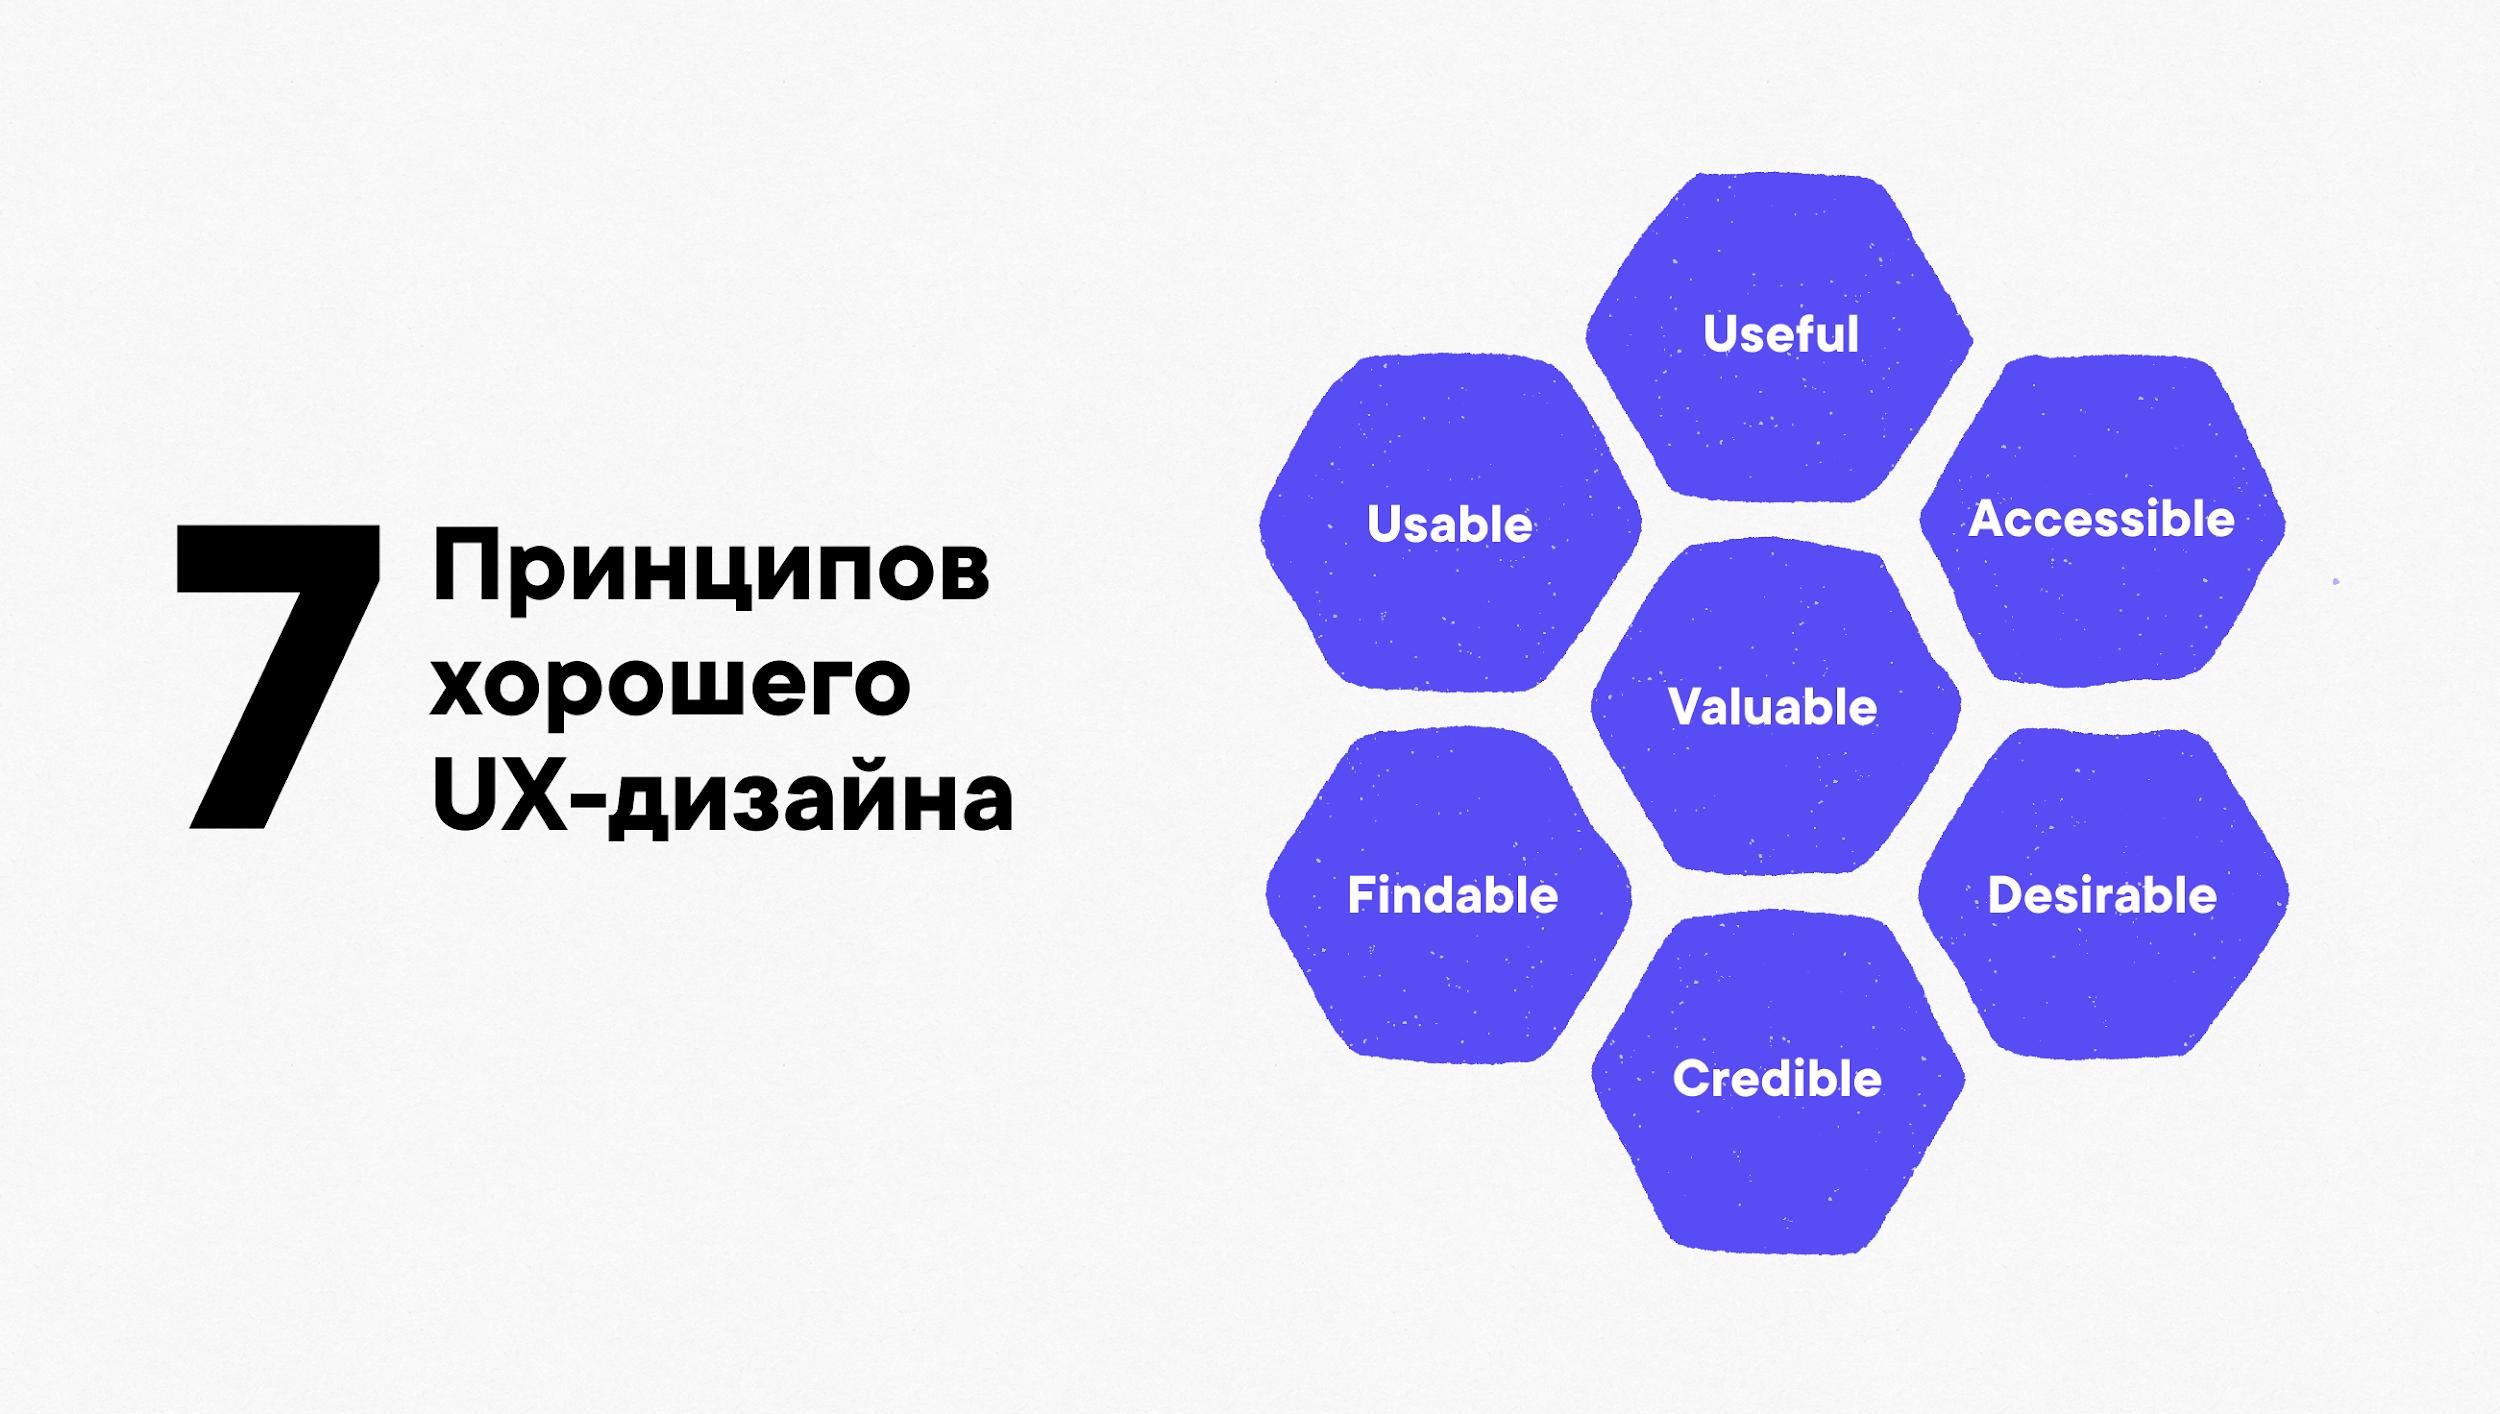 «User Experience Honeycomb» («соты пользовательского опыта»), предложенная Питером Морвилем (Peter Morville)